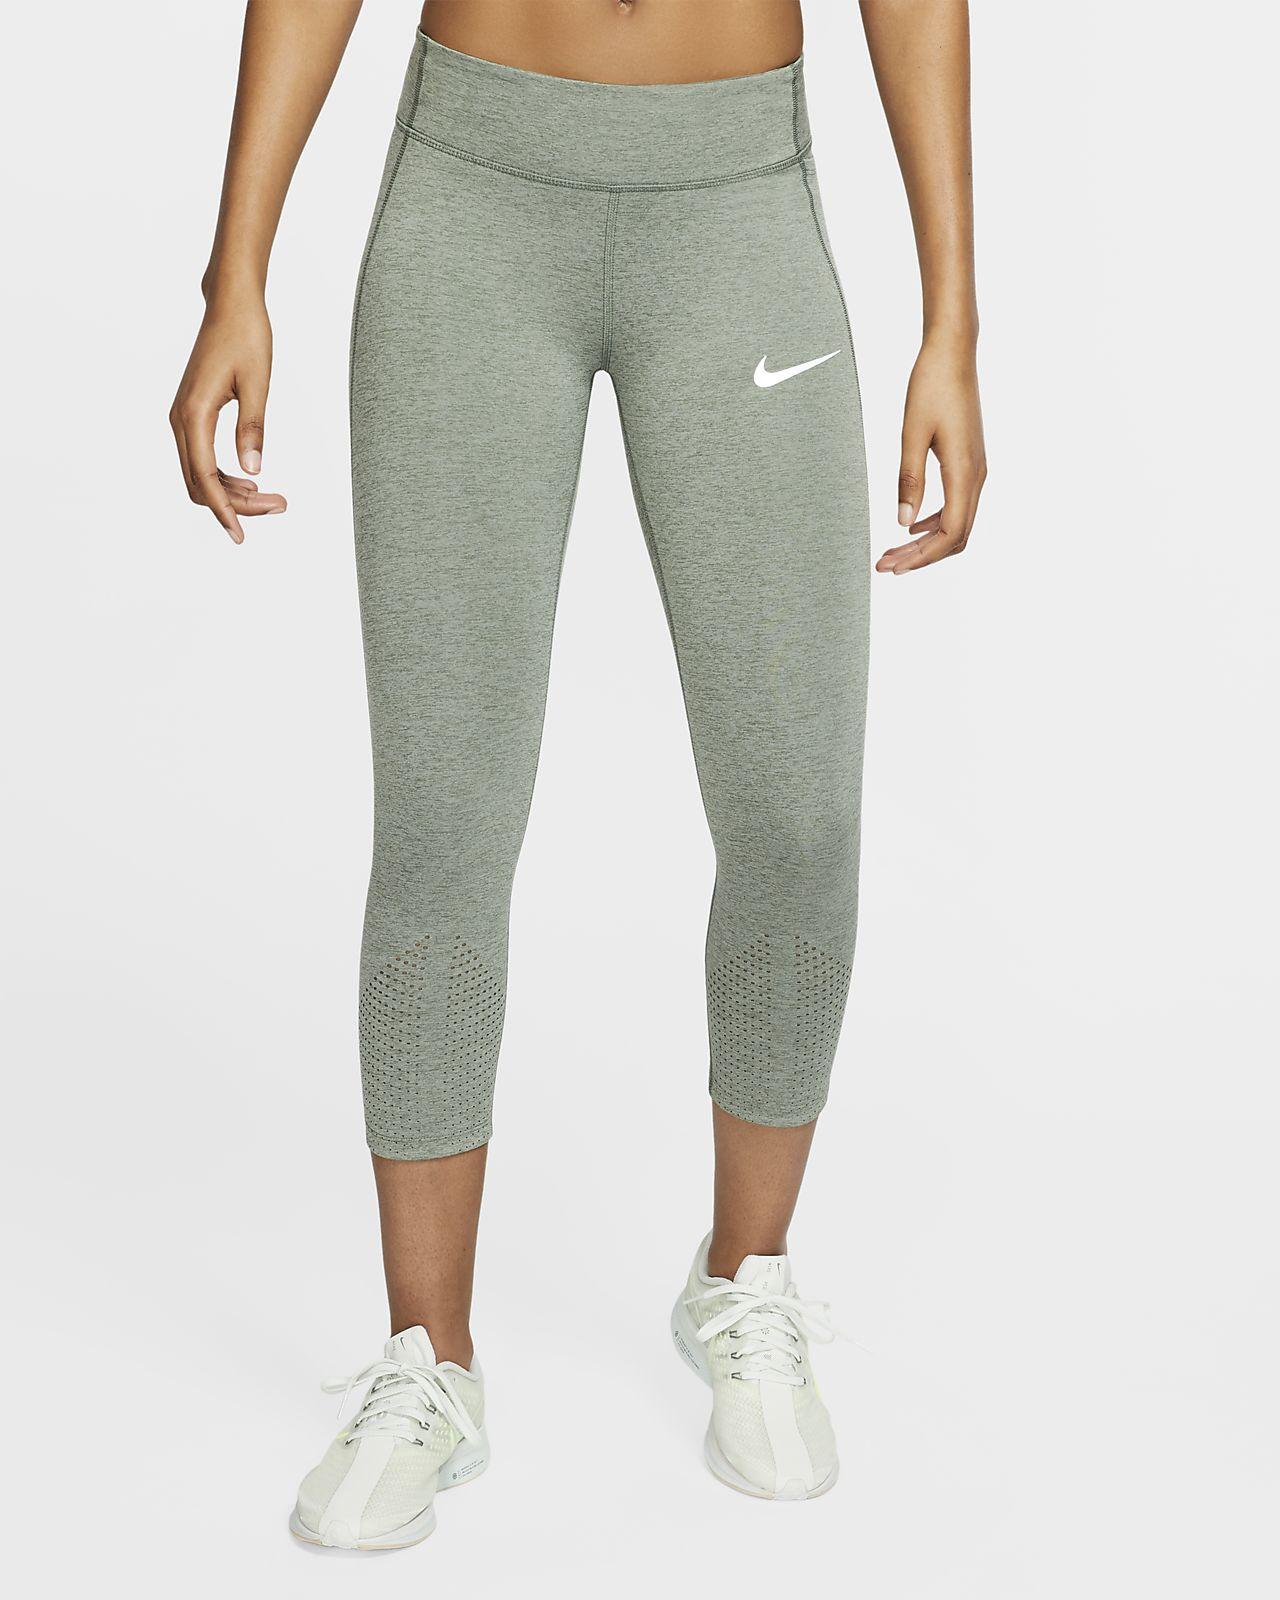 Nike Epic Lux capribukser til dame